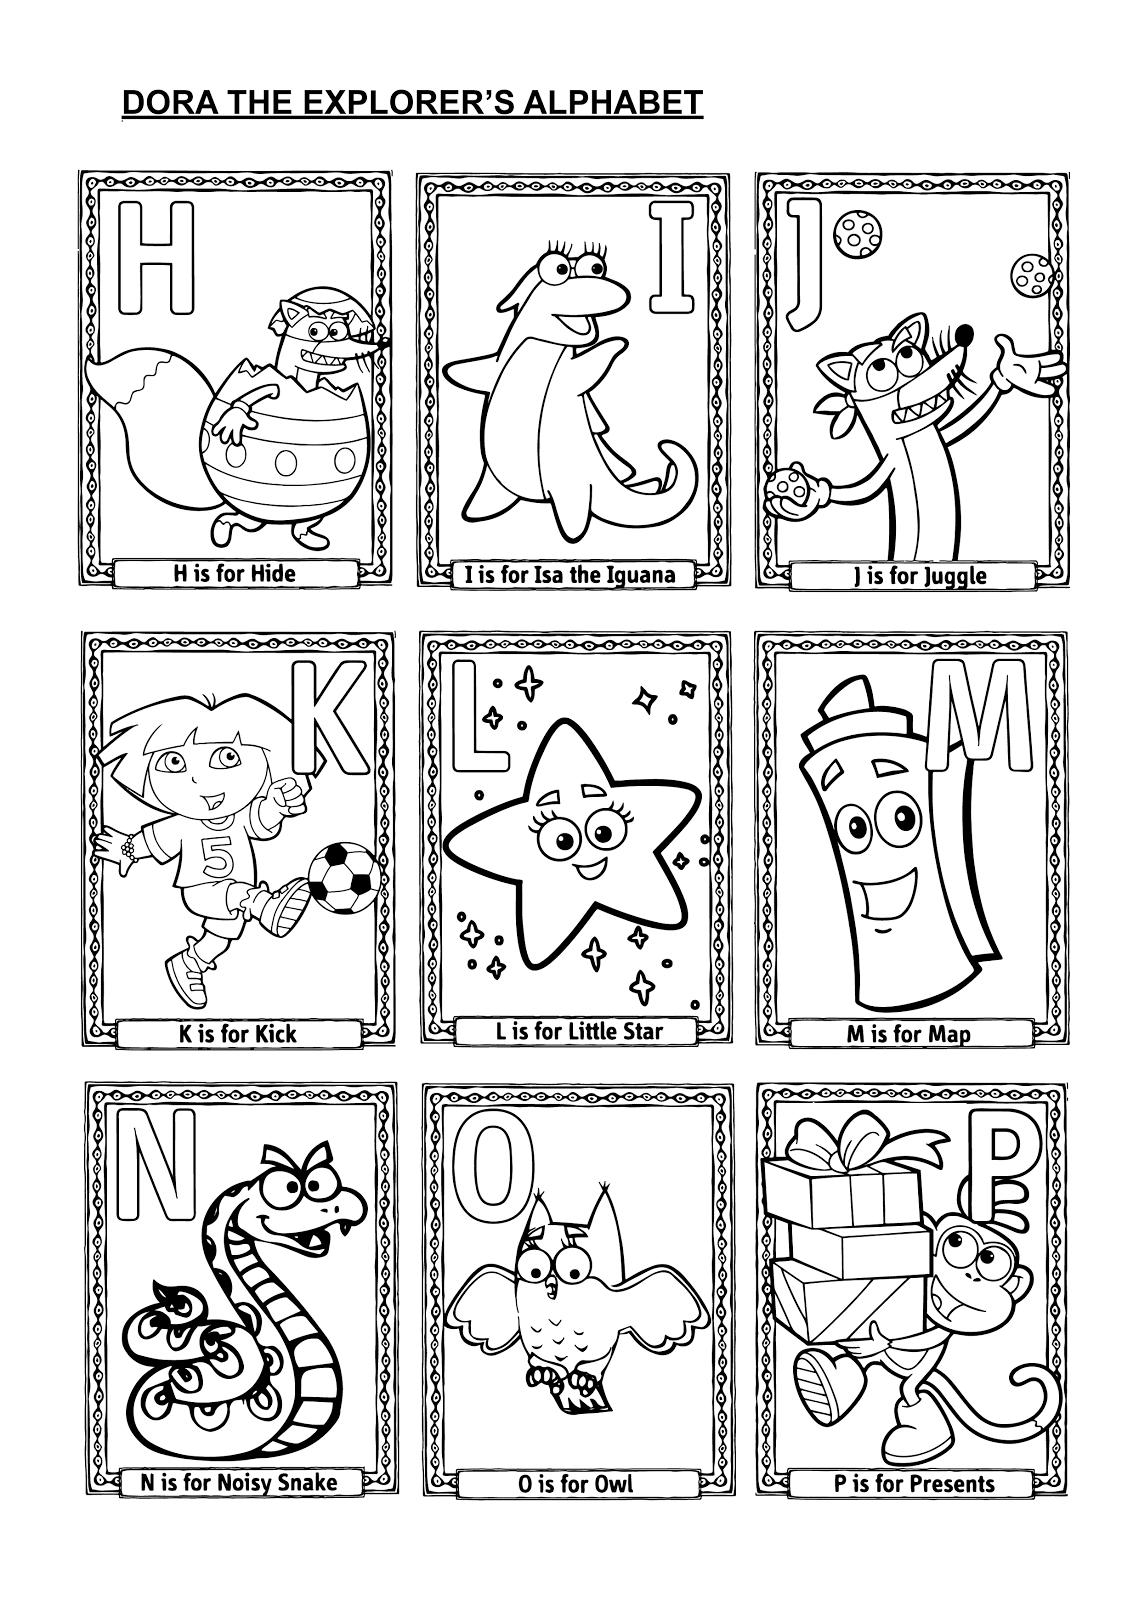 Pginas para colorear originales Original coloring pages ABCs